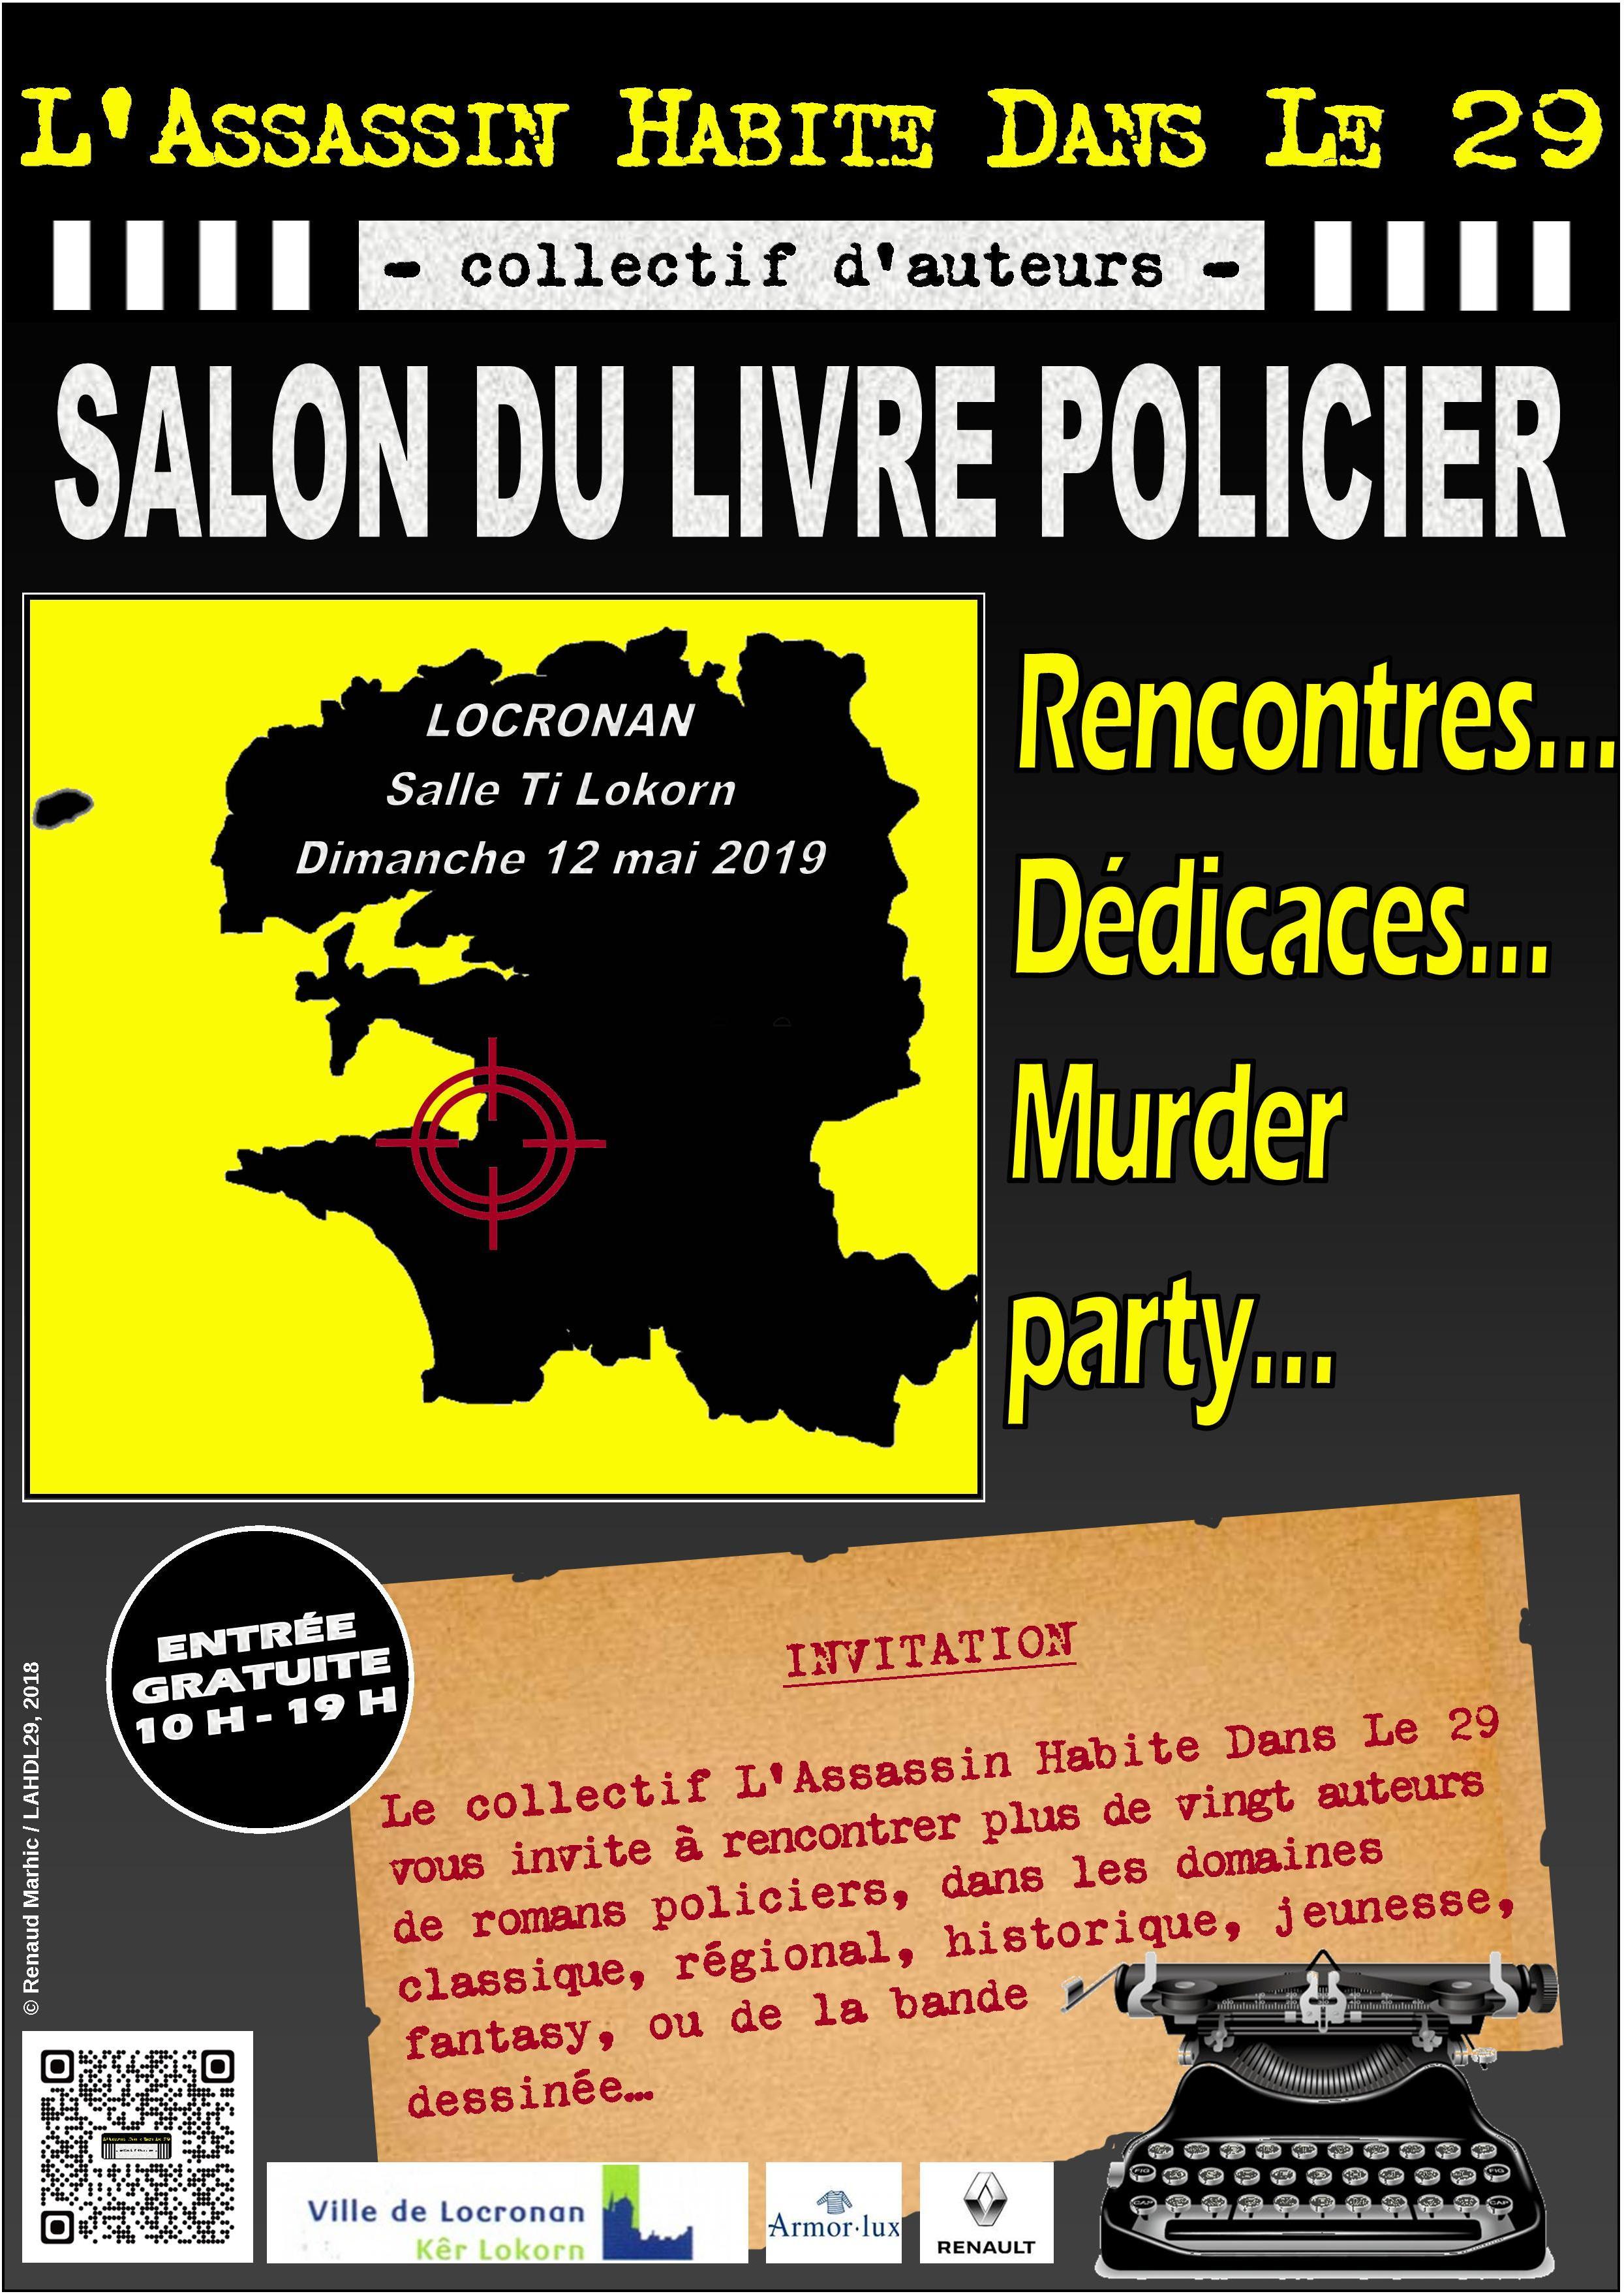 Les Lutins Urbains au Salon du Livre Policier de L'Assassin Habite Dans Le 29 à Locronan